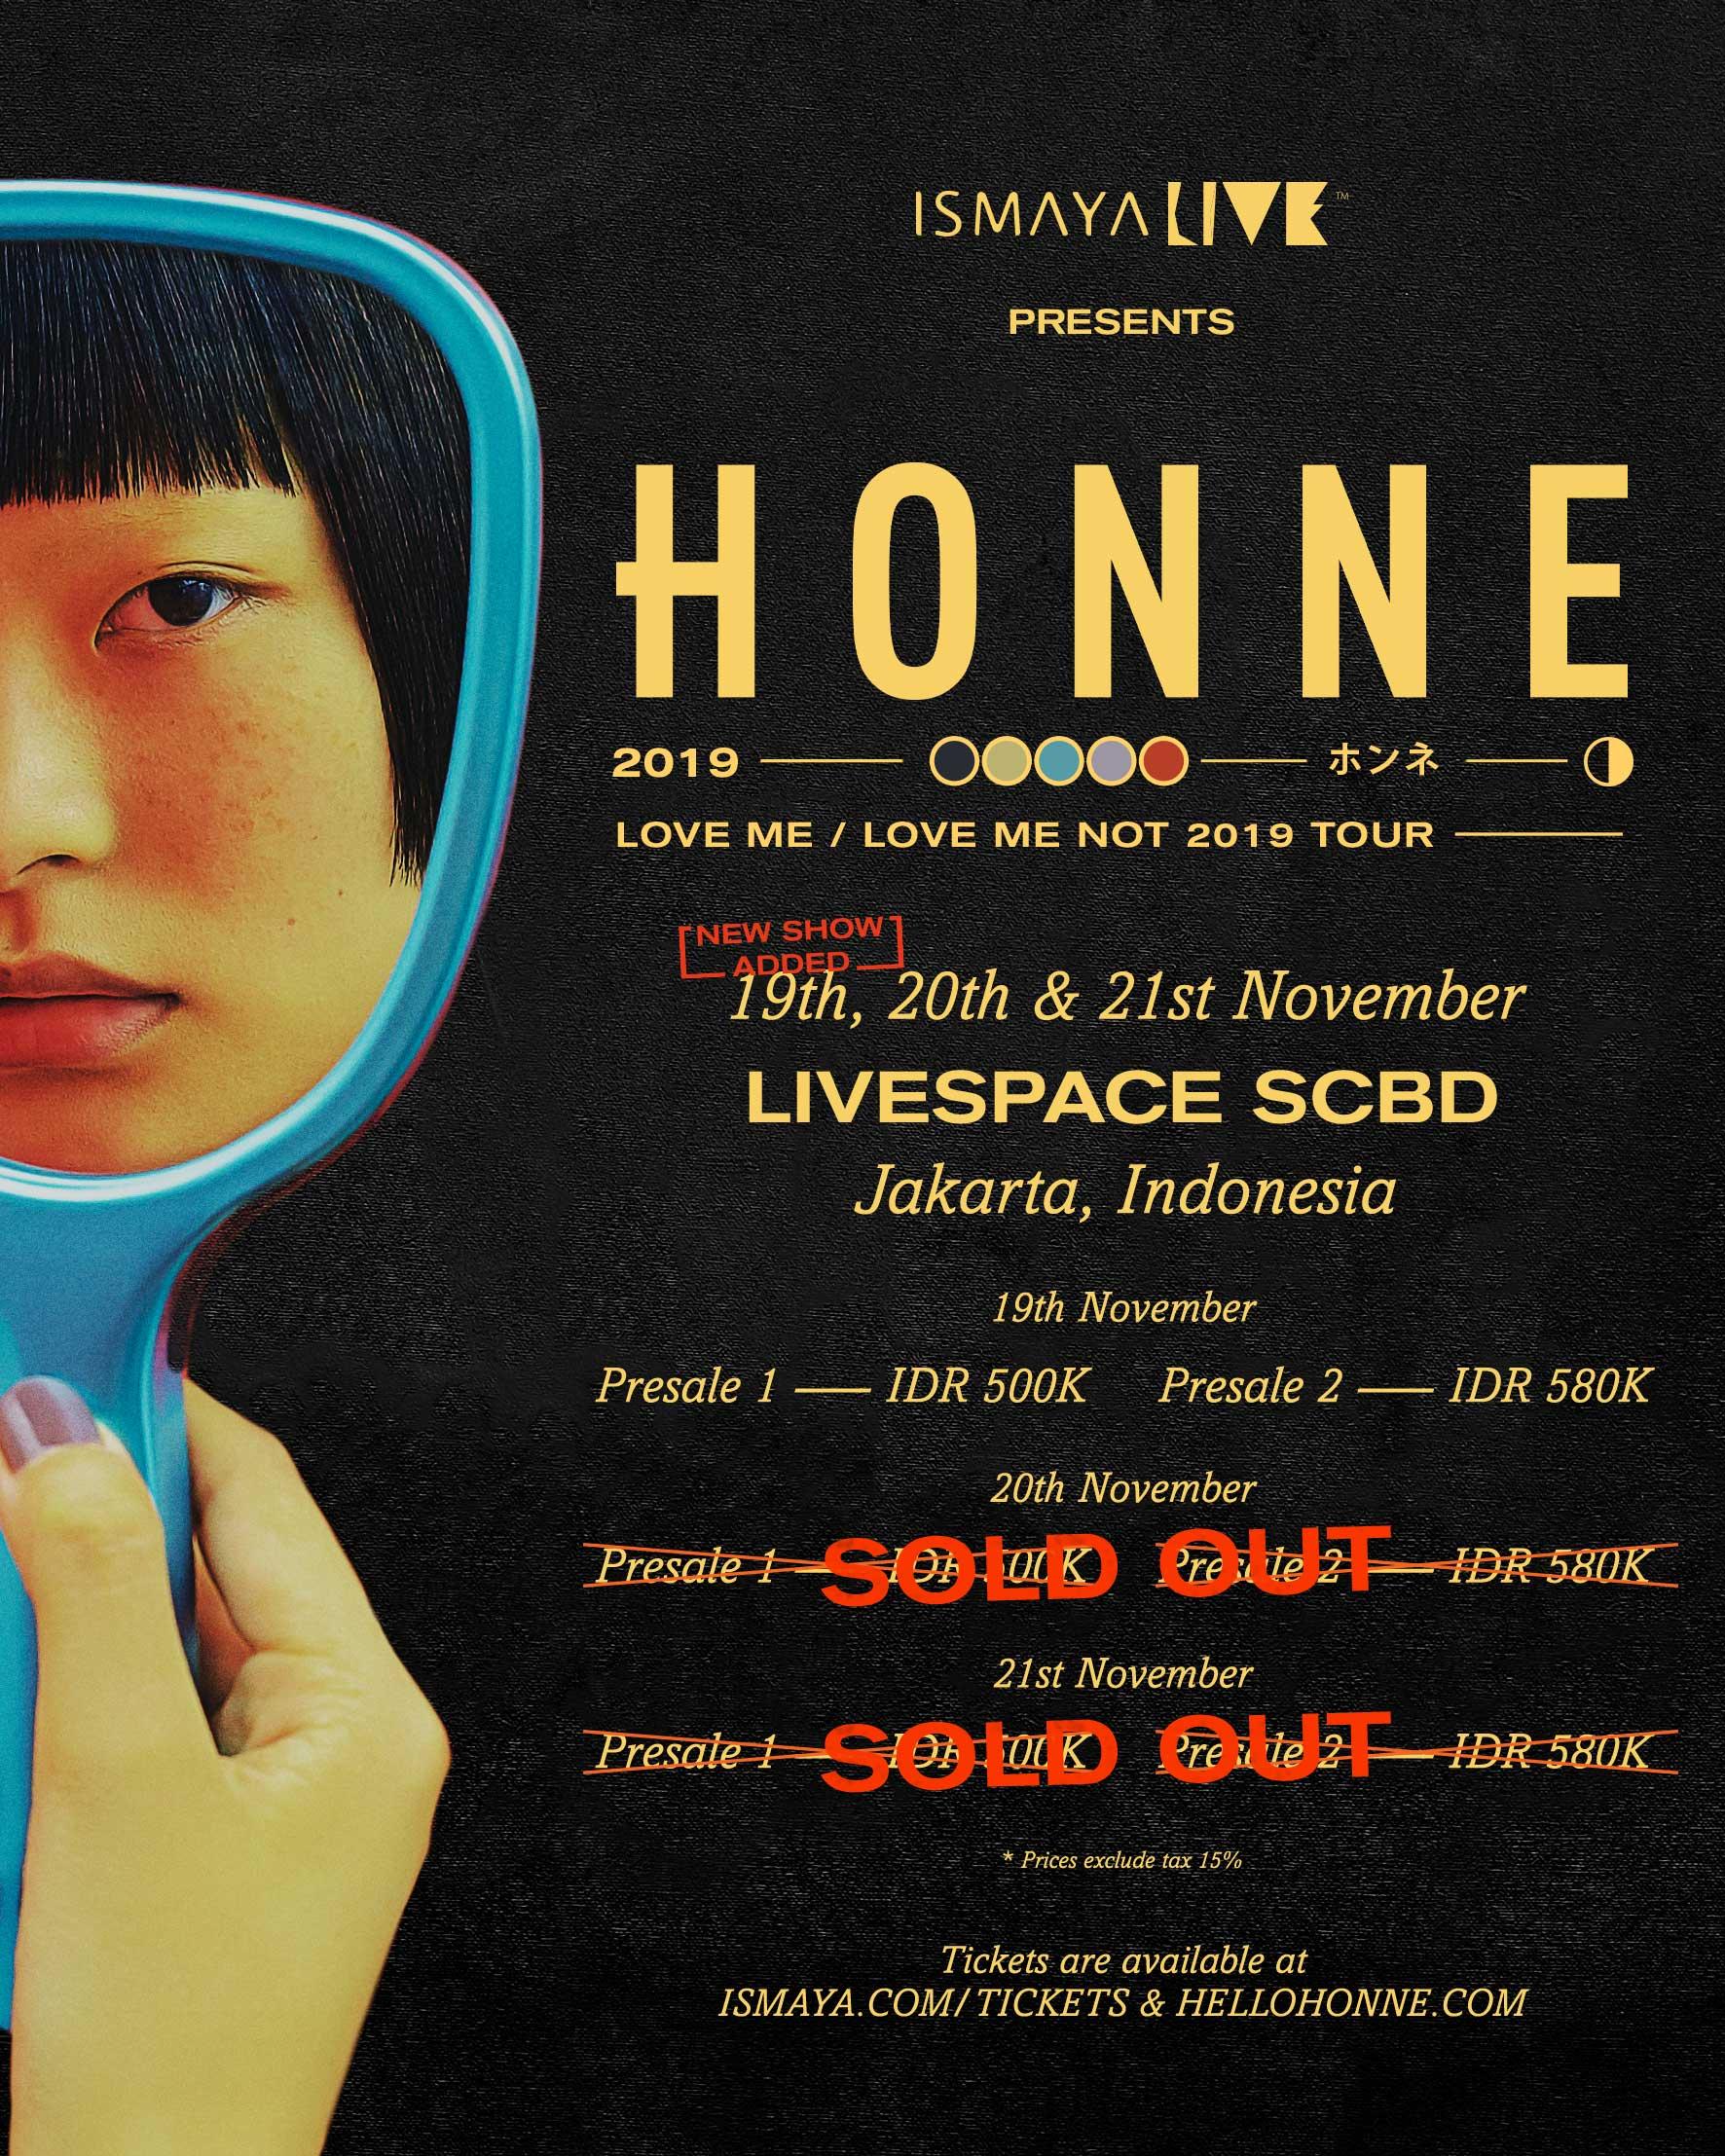 HONNE - Main Artwork.jpg